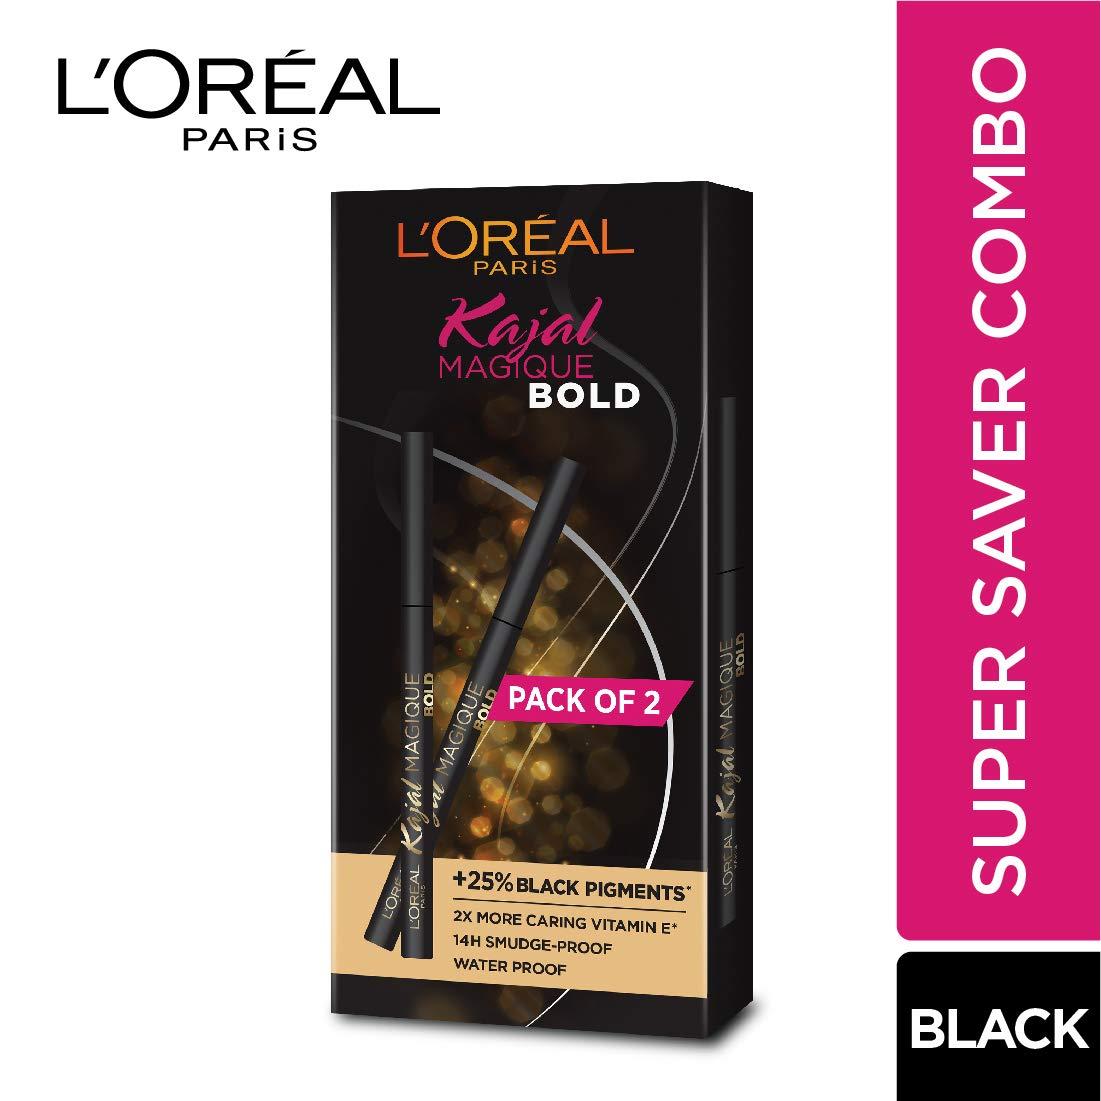 L'Oreal Paris Kajal Magique Bold, Black, 7 g (Pack of 2)